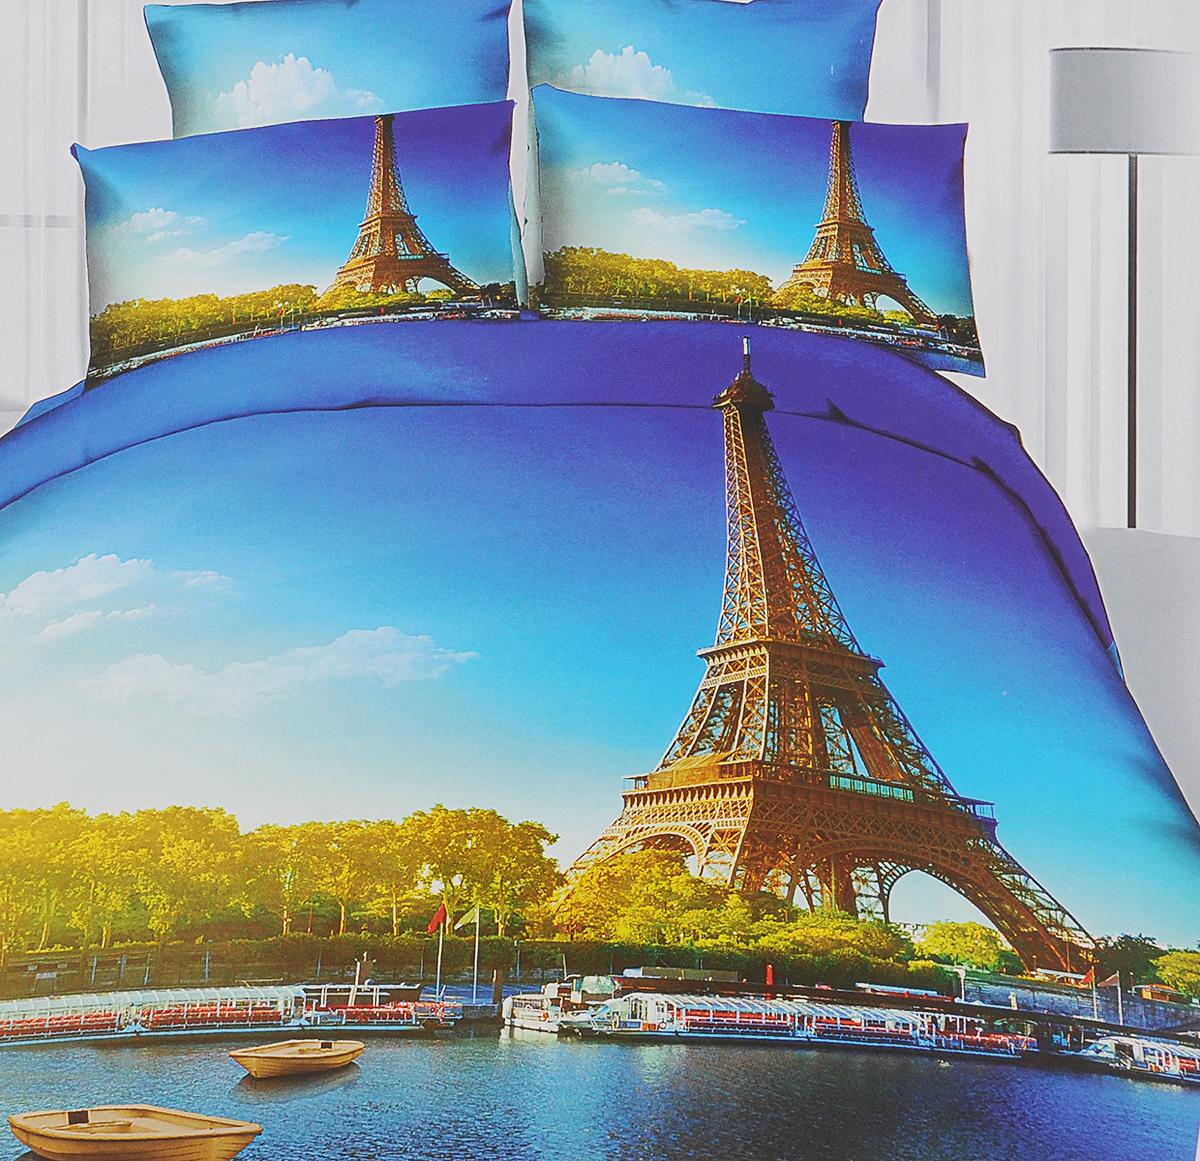 Комплект белья Mango Париж, 2-спальный, наволочки 50х70M-701-175-180-50Комплект постельного белья Mango Париж, изготовленный из сатина (100% хлопок), поможет вам расслабиться и подарит спокойный сон. Комплект состоит из пододеяльника, простыни и двух наволочек на молнии. Предметы комплекта оформлены 3D рисунком. Постельное белье имеет изысканный внешний вид и обладает яркими, сочными цветами. Благодаря такому комплекту постельного белья вы сможете создать атмосферу уюта и комфорта в вашей спальне. Сатин - производится из высших сортов хлопка, а своим блеском, легкостью и на ощупь напоминает шелк. Такая ткань рассчитана на 200 стирок и более. Постельное белье из сатина превращает жаркие летние ночи в прохладные и освежающие, а холодные зимние - в теплые и согревающие. Благодаря натуральному хлопку, комплект постельного белья из сатина приобретает способность пропускать воздух, давая возможность телу дышать. Одно из преимуществ материала в том, что он практически не мнется и ваша спальня всегда будет аккуратной и нарядной.